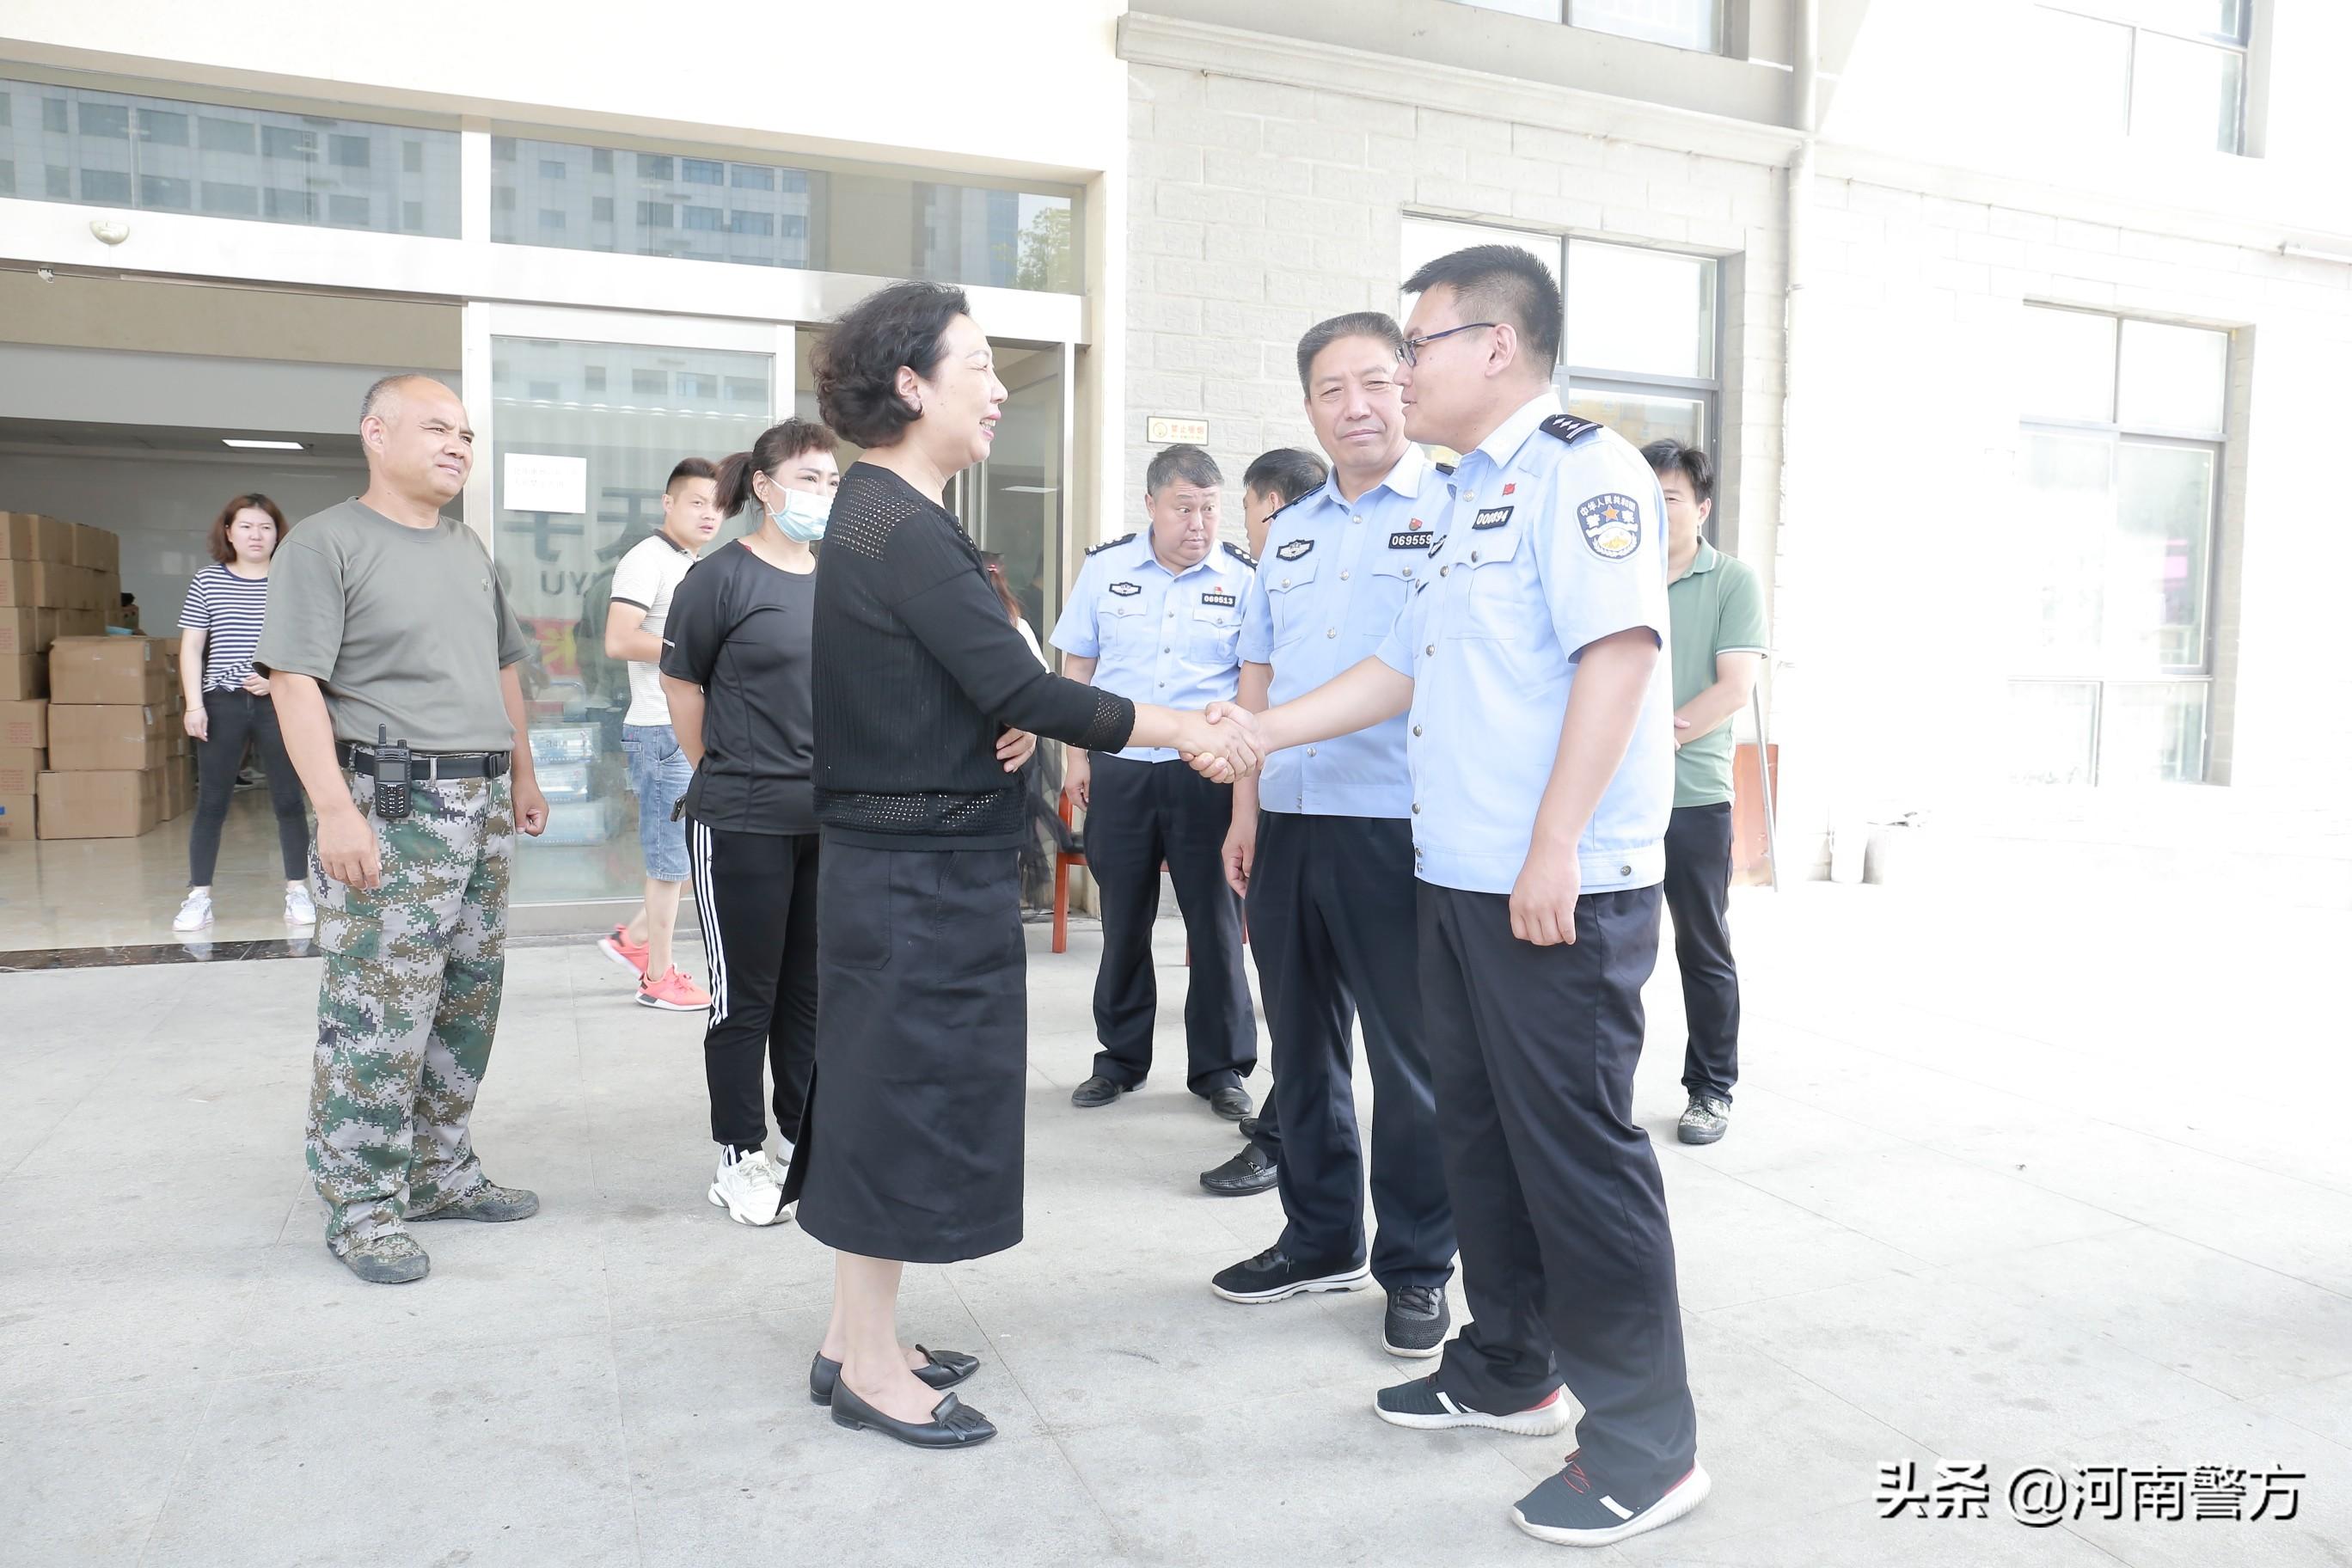 省公安厅携手爱心企业40万斤爱心大米支援西华人民